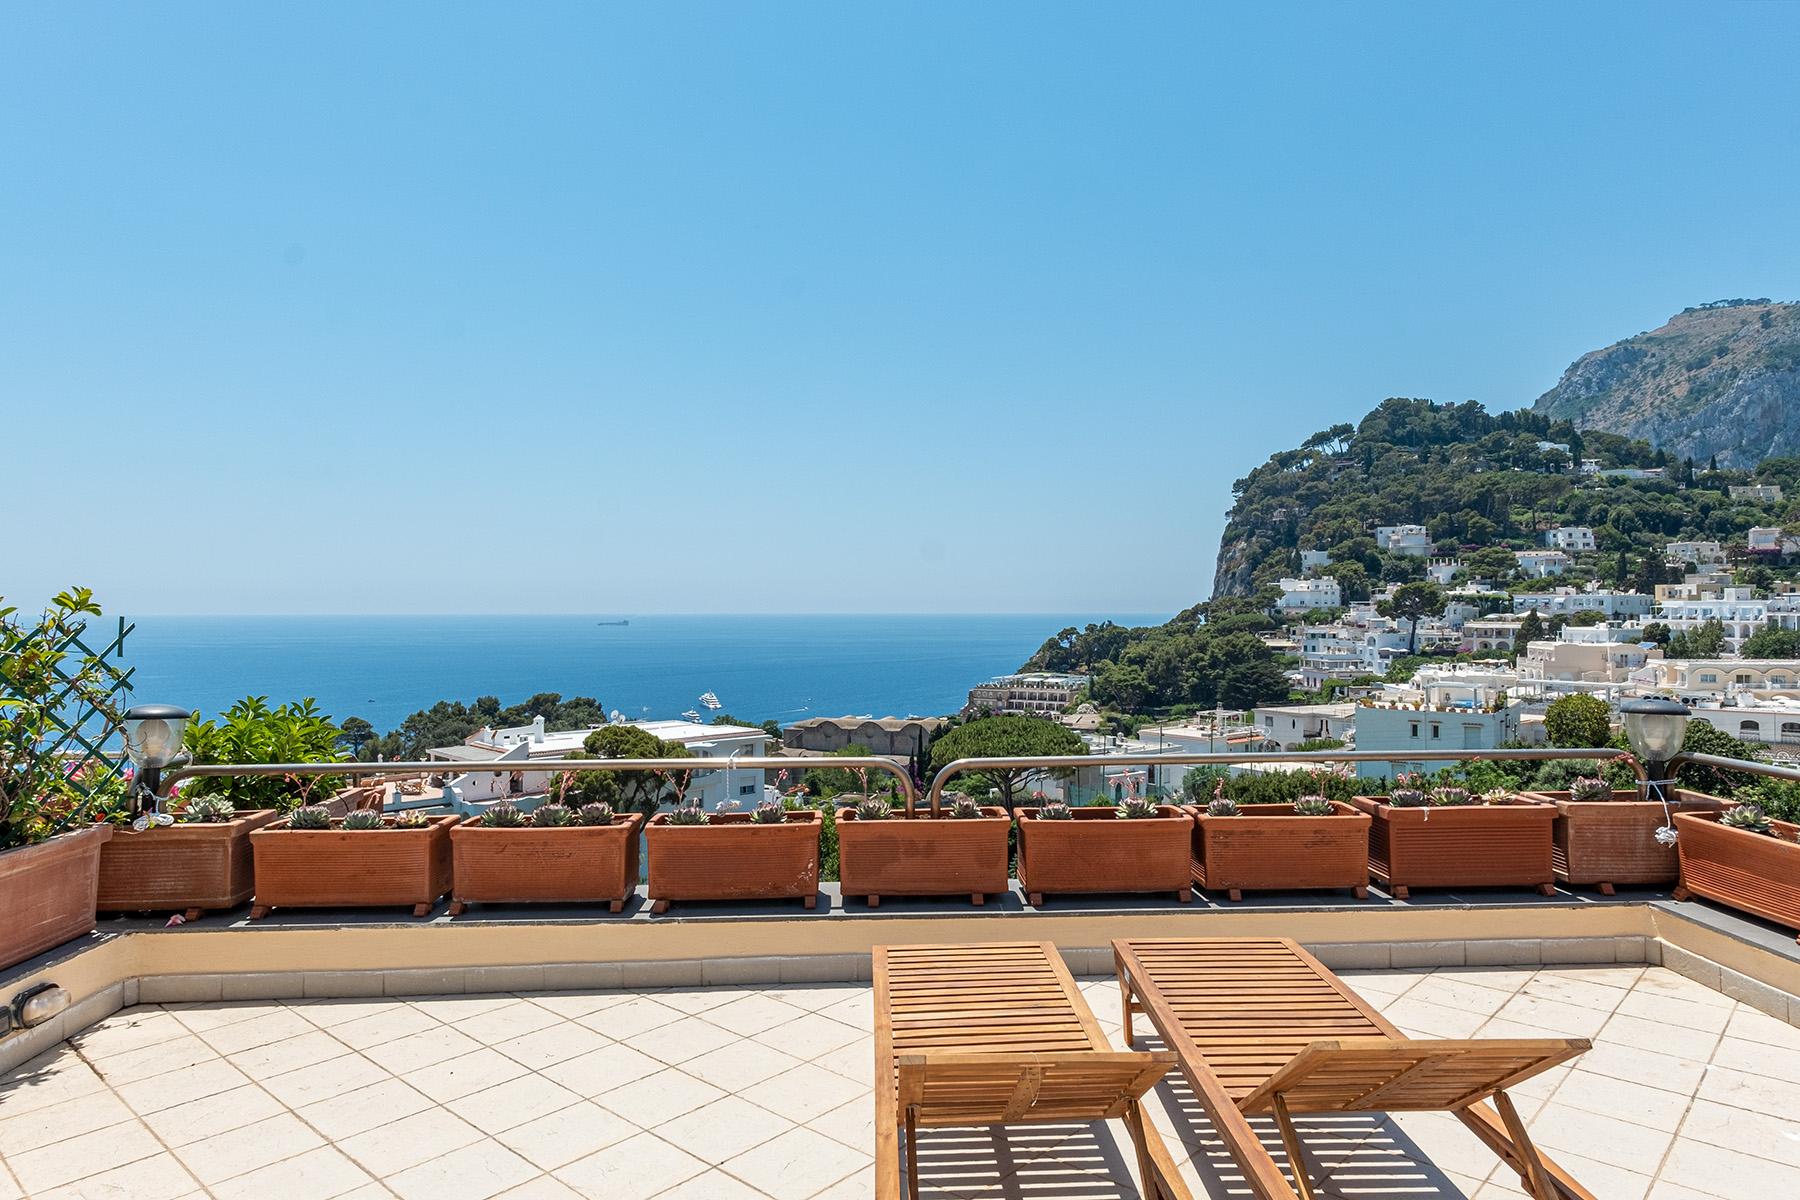 Attico in Vendita a Capri: 5 locali, 160 mq - Foto 1